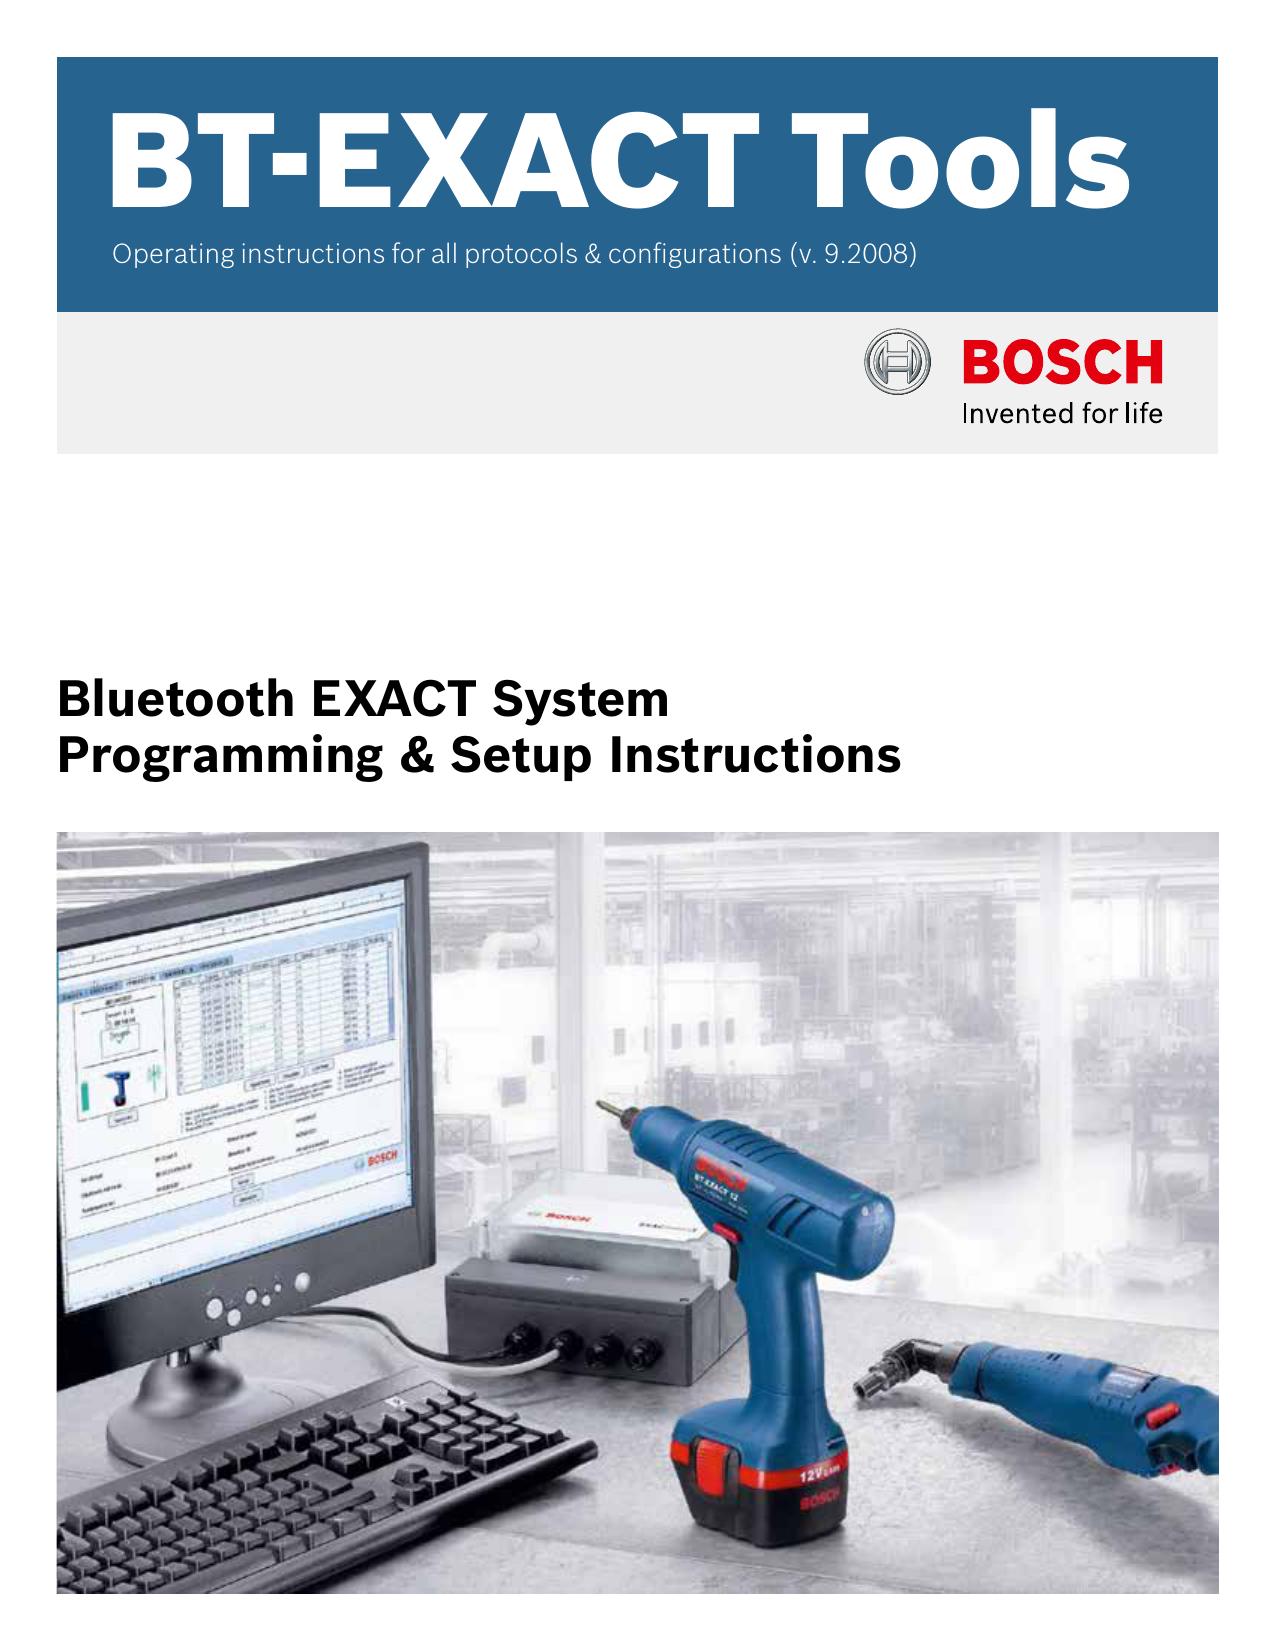 BT-EXACT Tools - Bosch Production Tools